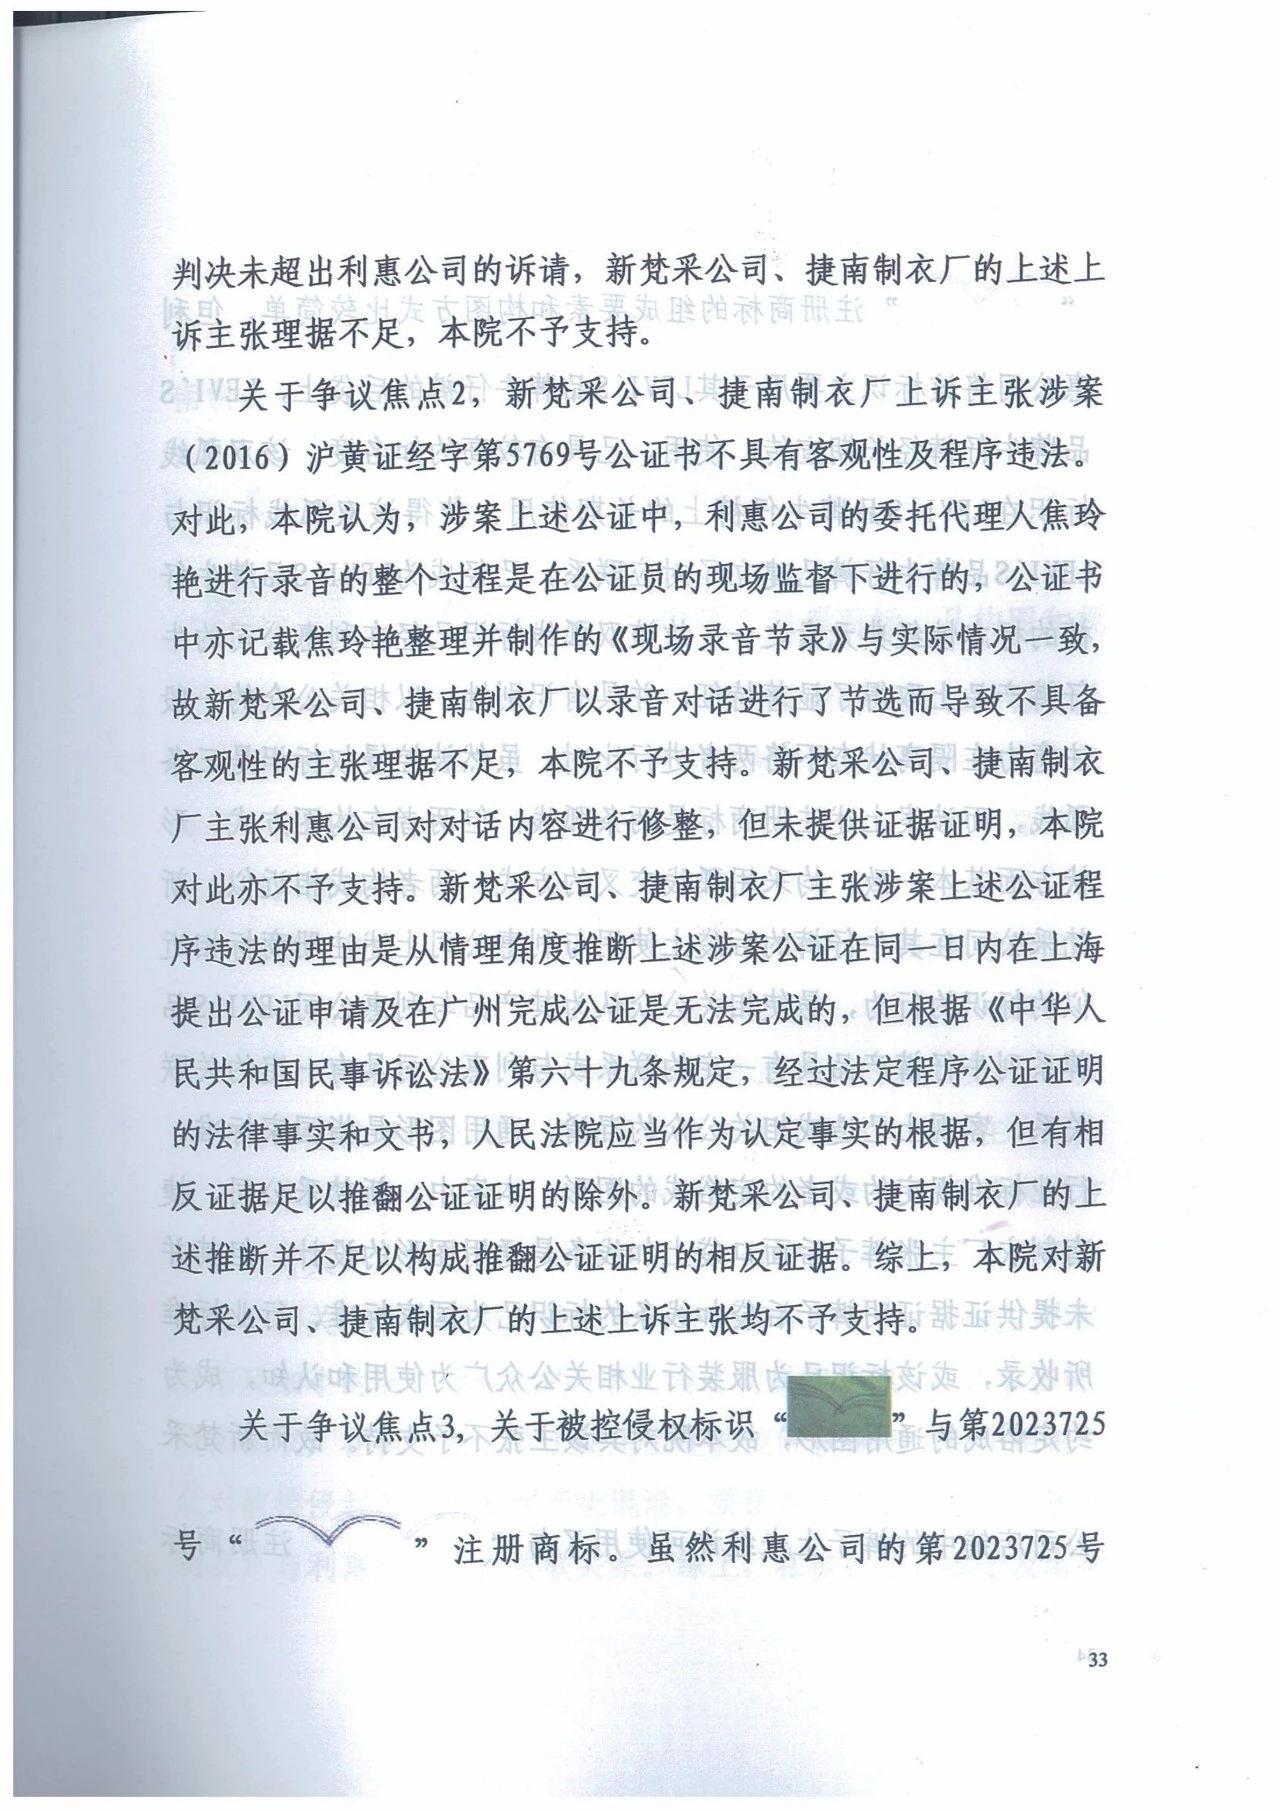 广州知识产权法院精品案例--利惠公司商标侵权案件